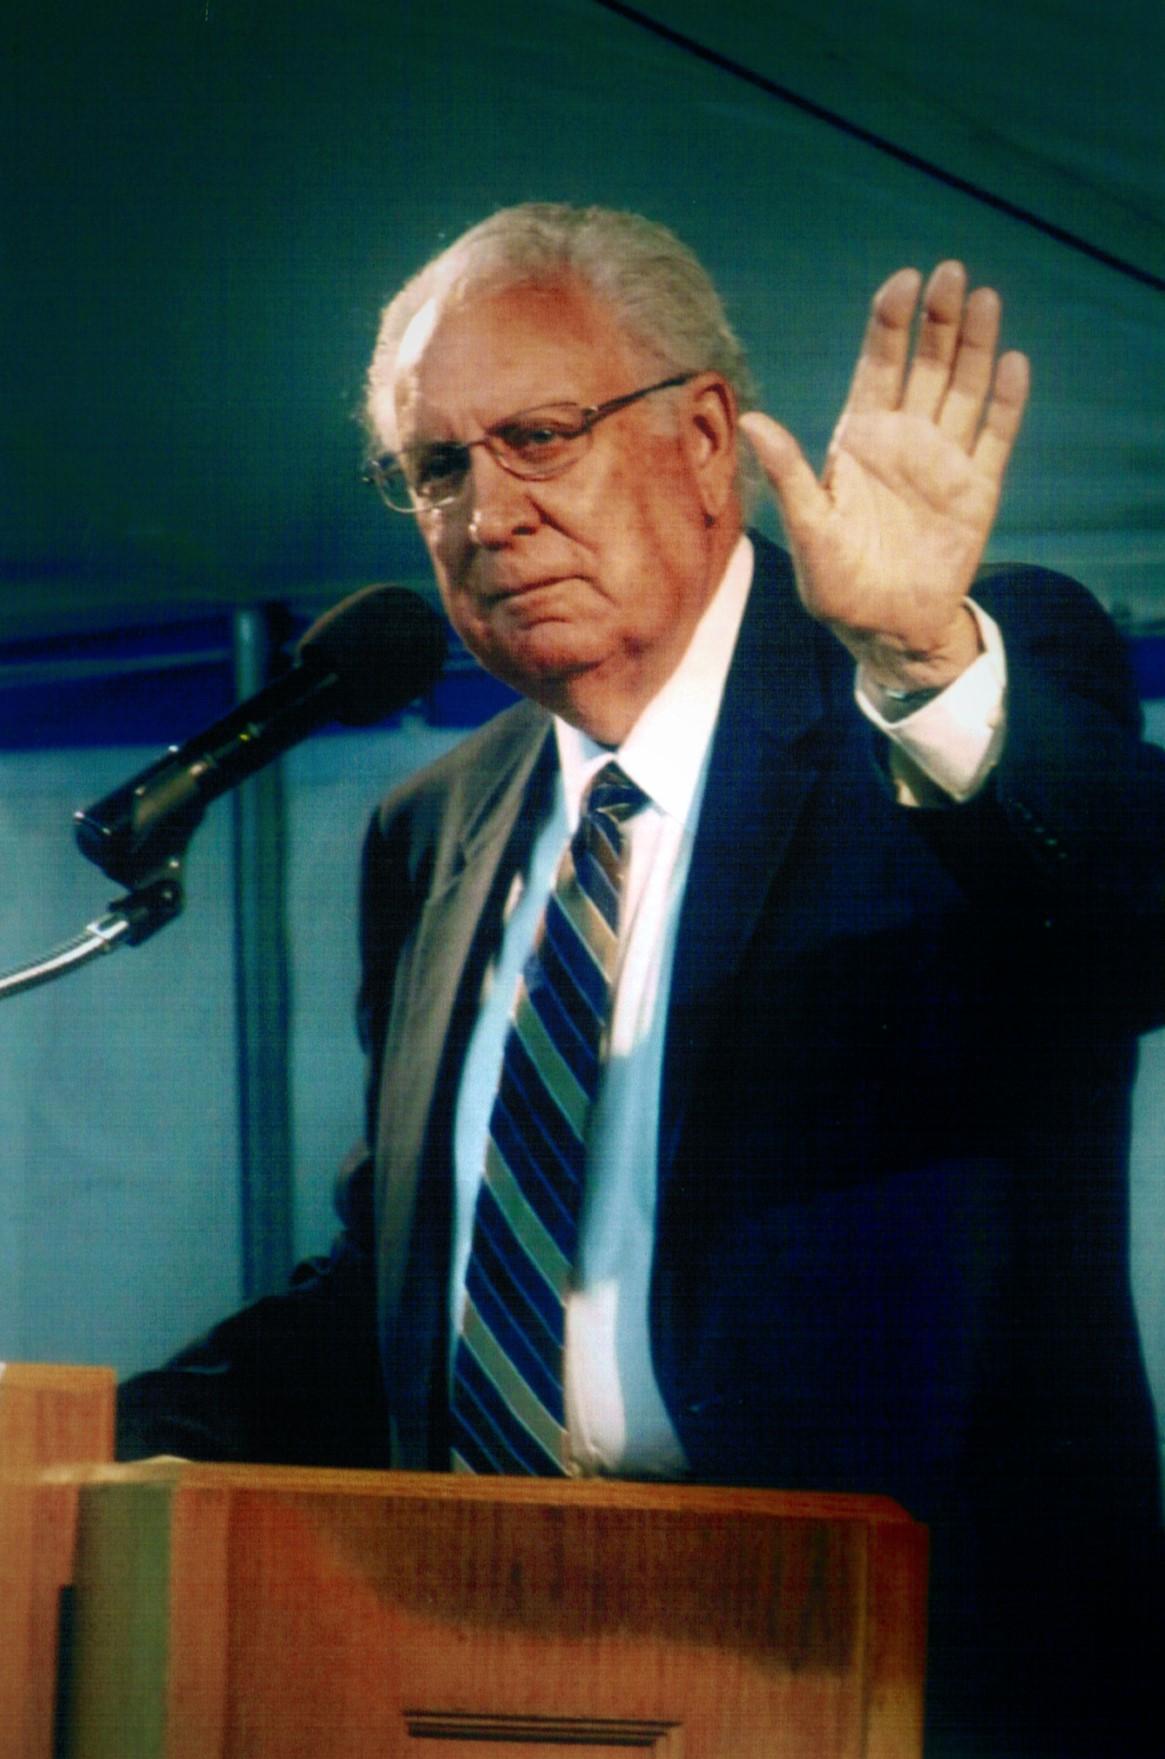 Bishop Allen R. Picklesimer, 2010